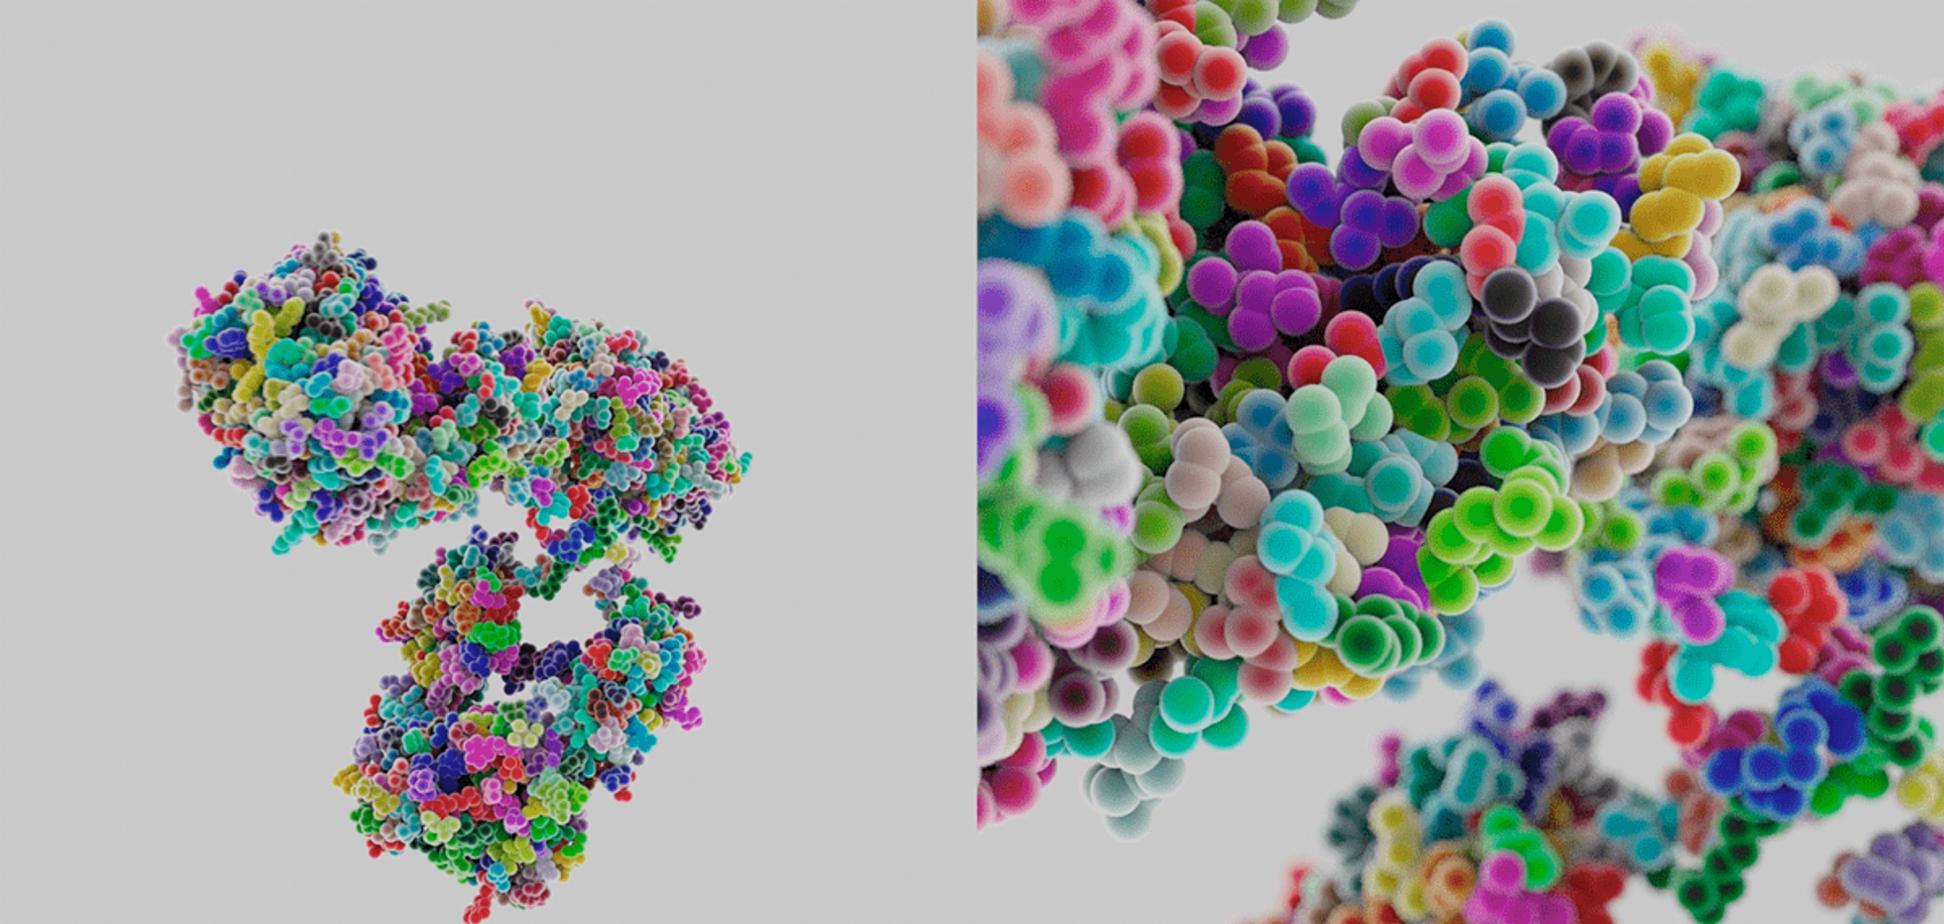 Важность терапии иммуноглобулинами при первичных иммунодефицитах